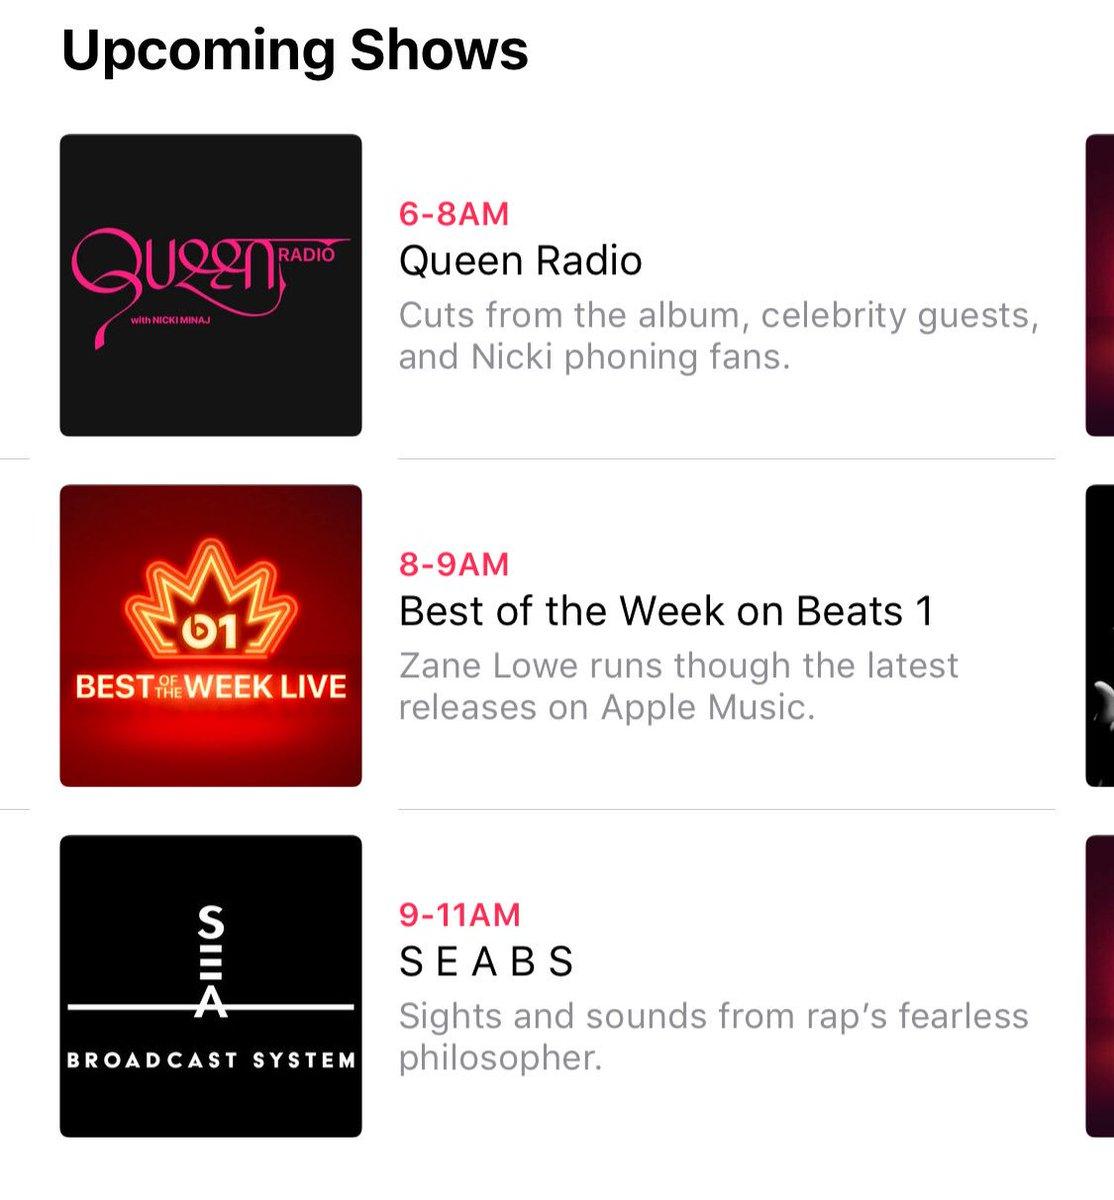 Per chi fosse interessato, domani mattina dalle 6 alle 8 Nicki sarà di nuovo in onda sulla #QueenRadio. La live consisterà nel riprodurre l'album e nel chiamare i fans e ci saranno delle celebrità come ospiti! https://itunes.apple.com/it/curator/queen-radio/1391364917?l=en  - Ukustom